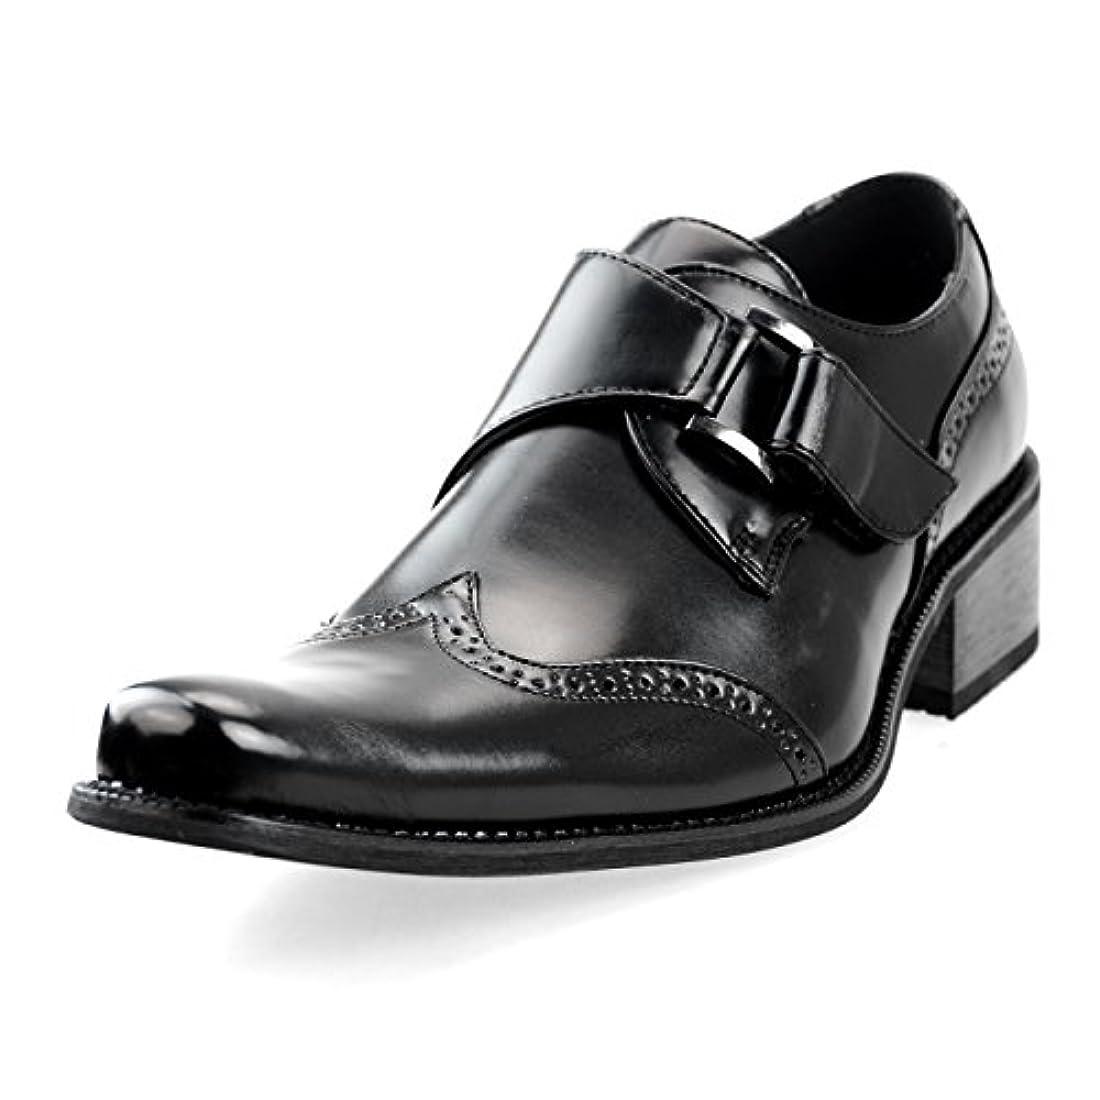 シェア高める拡大する[エムエムワン] MM/ONE ビジネスシューズ メンズ モンクストラップ 紳士靴 スリッポン ウィングチップ メダリオン短靴 美脚